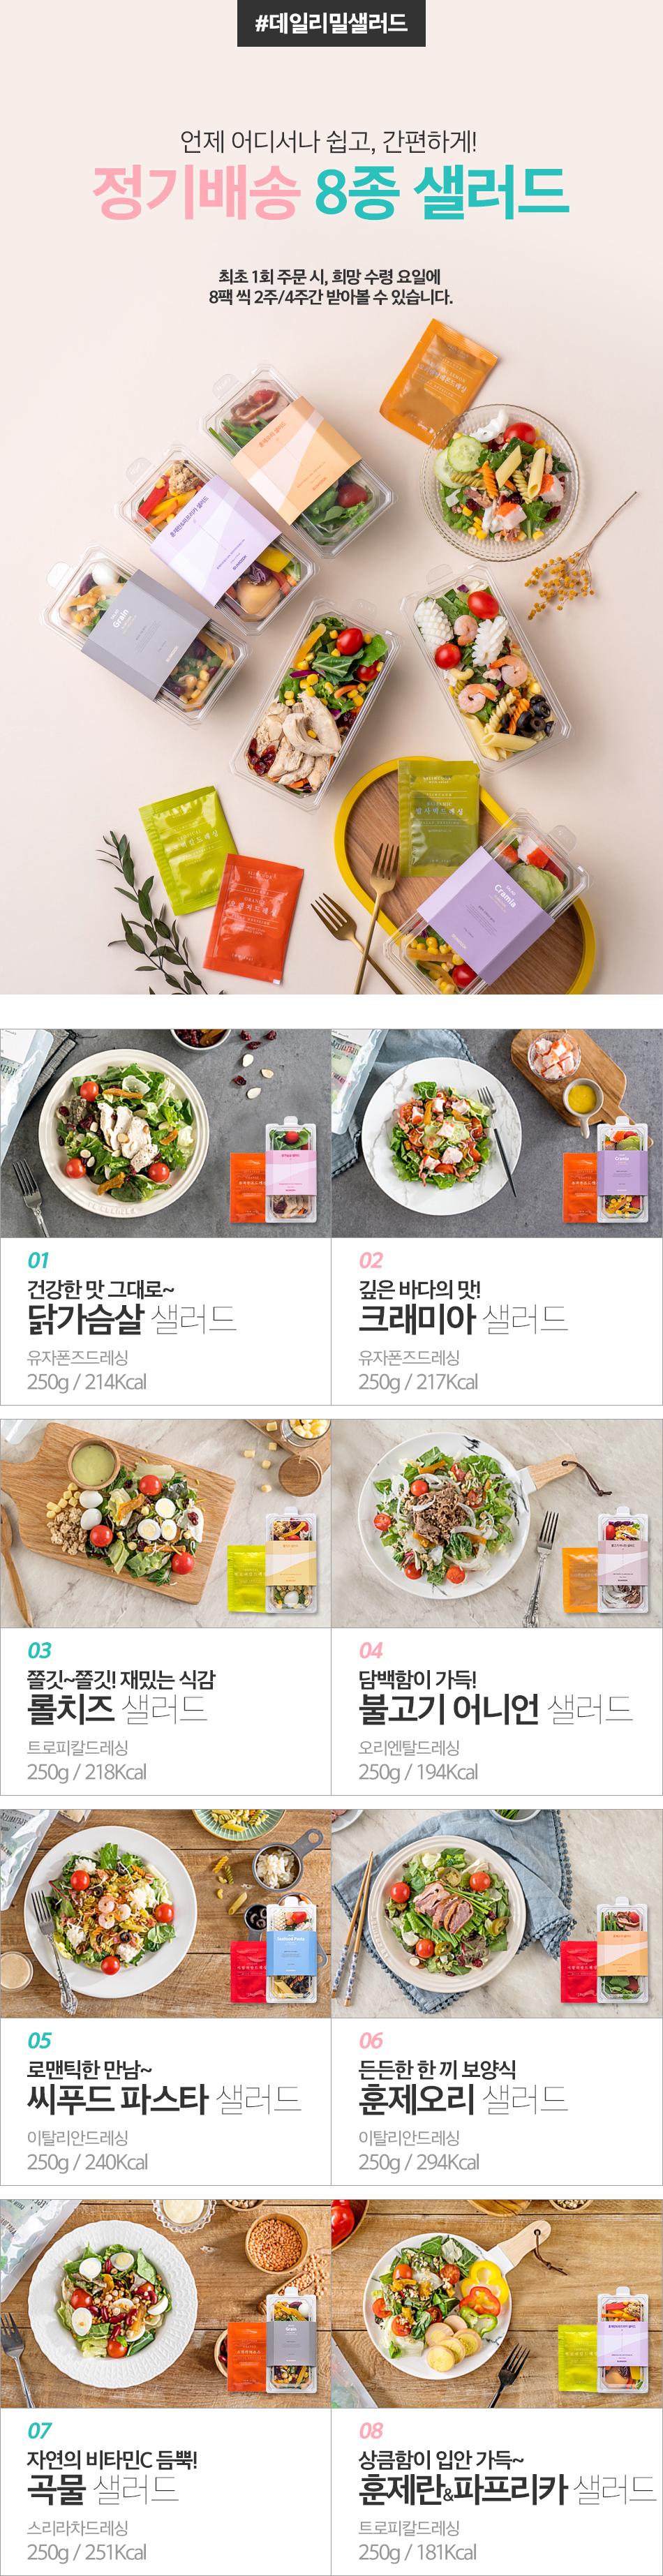 샐러드 8종 정기배송 메뉴